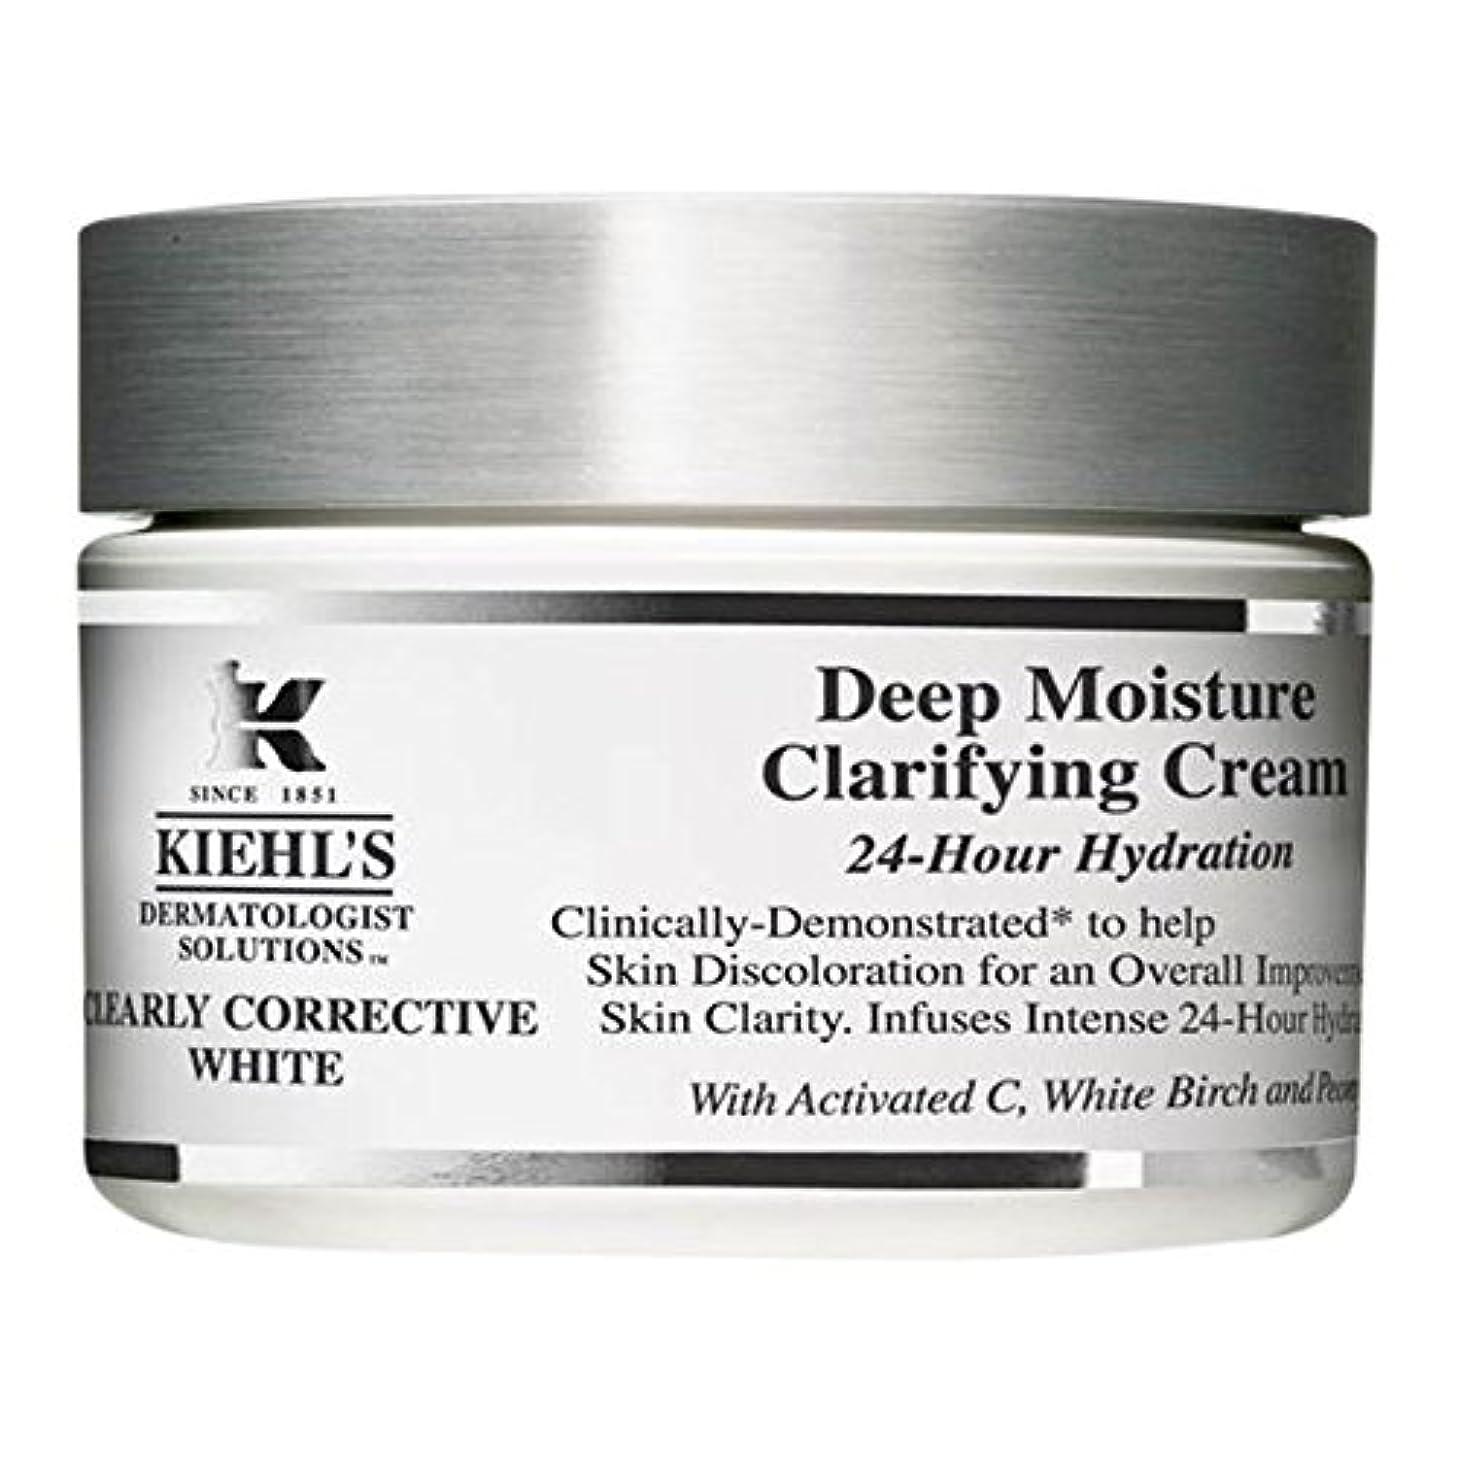 ふざけた無限大電気陽性[Kiehl's] キールズ明確に是正白深い水分清澄クリーム - Kiehl's Clearly Corrective White Deep Moisture Clarifying Cream [並行輸入品]